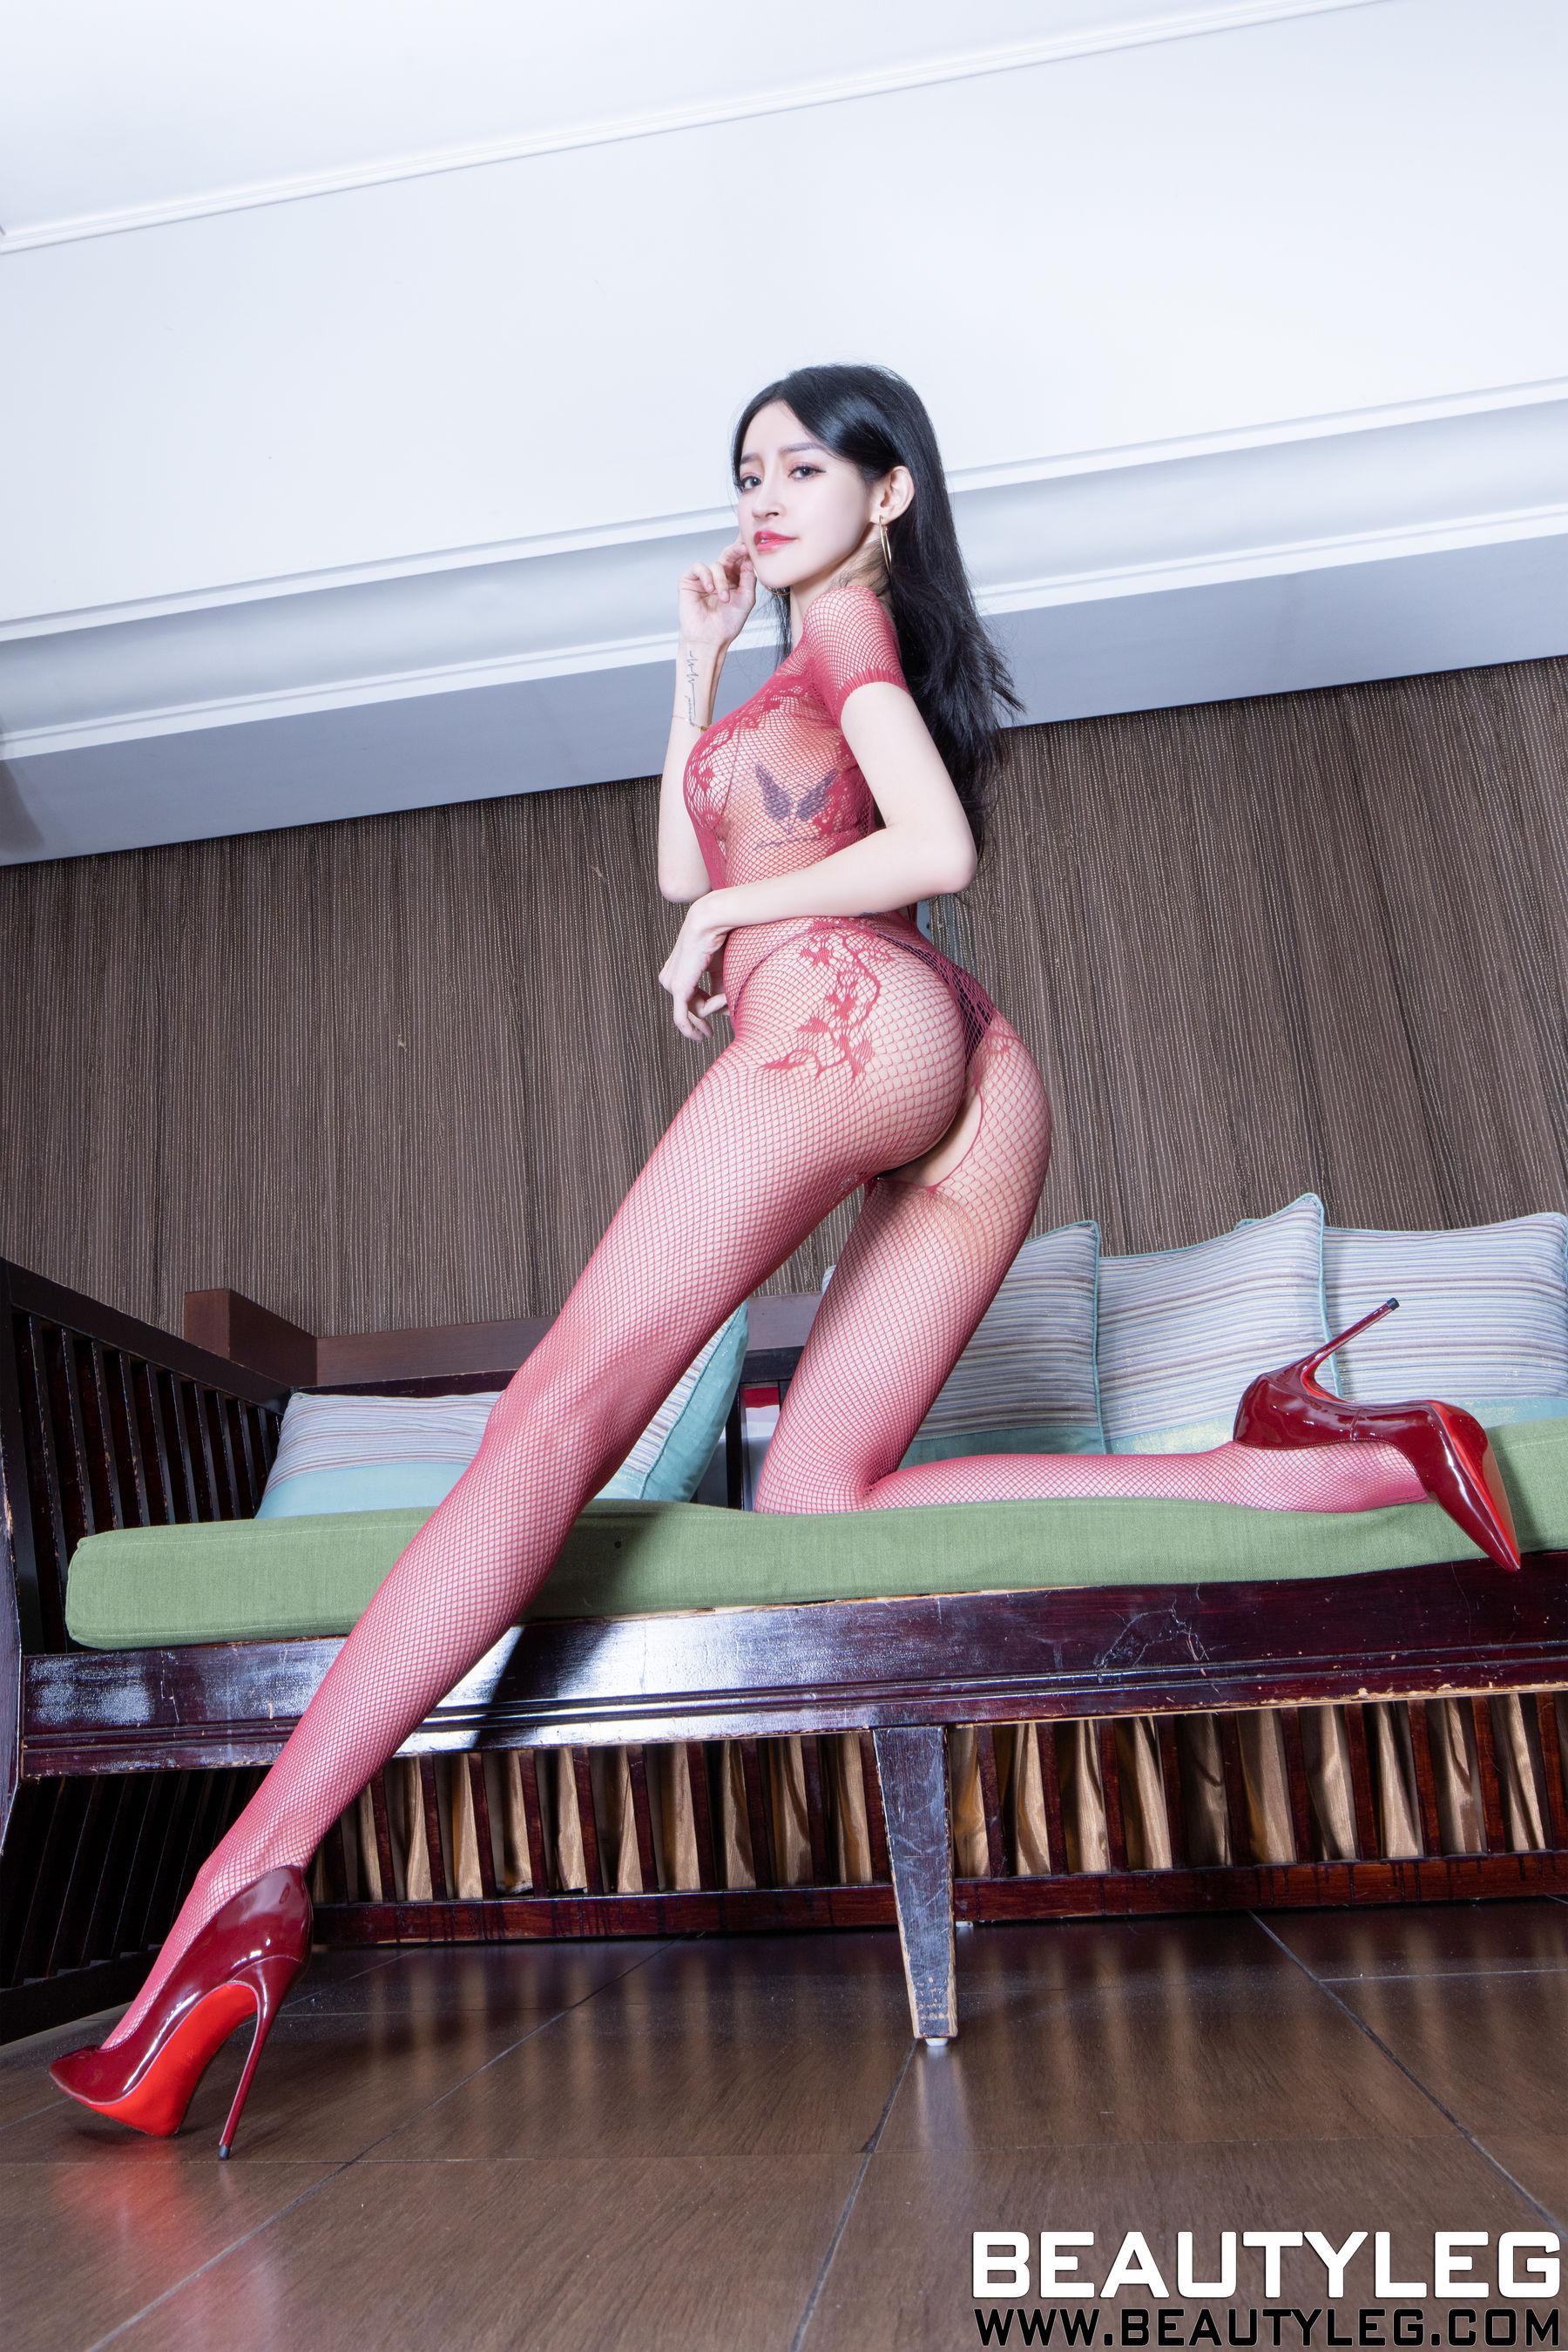 VOL.39 [Beautyleg]丝袜美女美腿:詹艾葳(腿模Avril,腿模Arvil)超高清个人性感漂亮大图(36P)